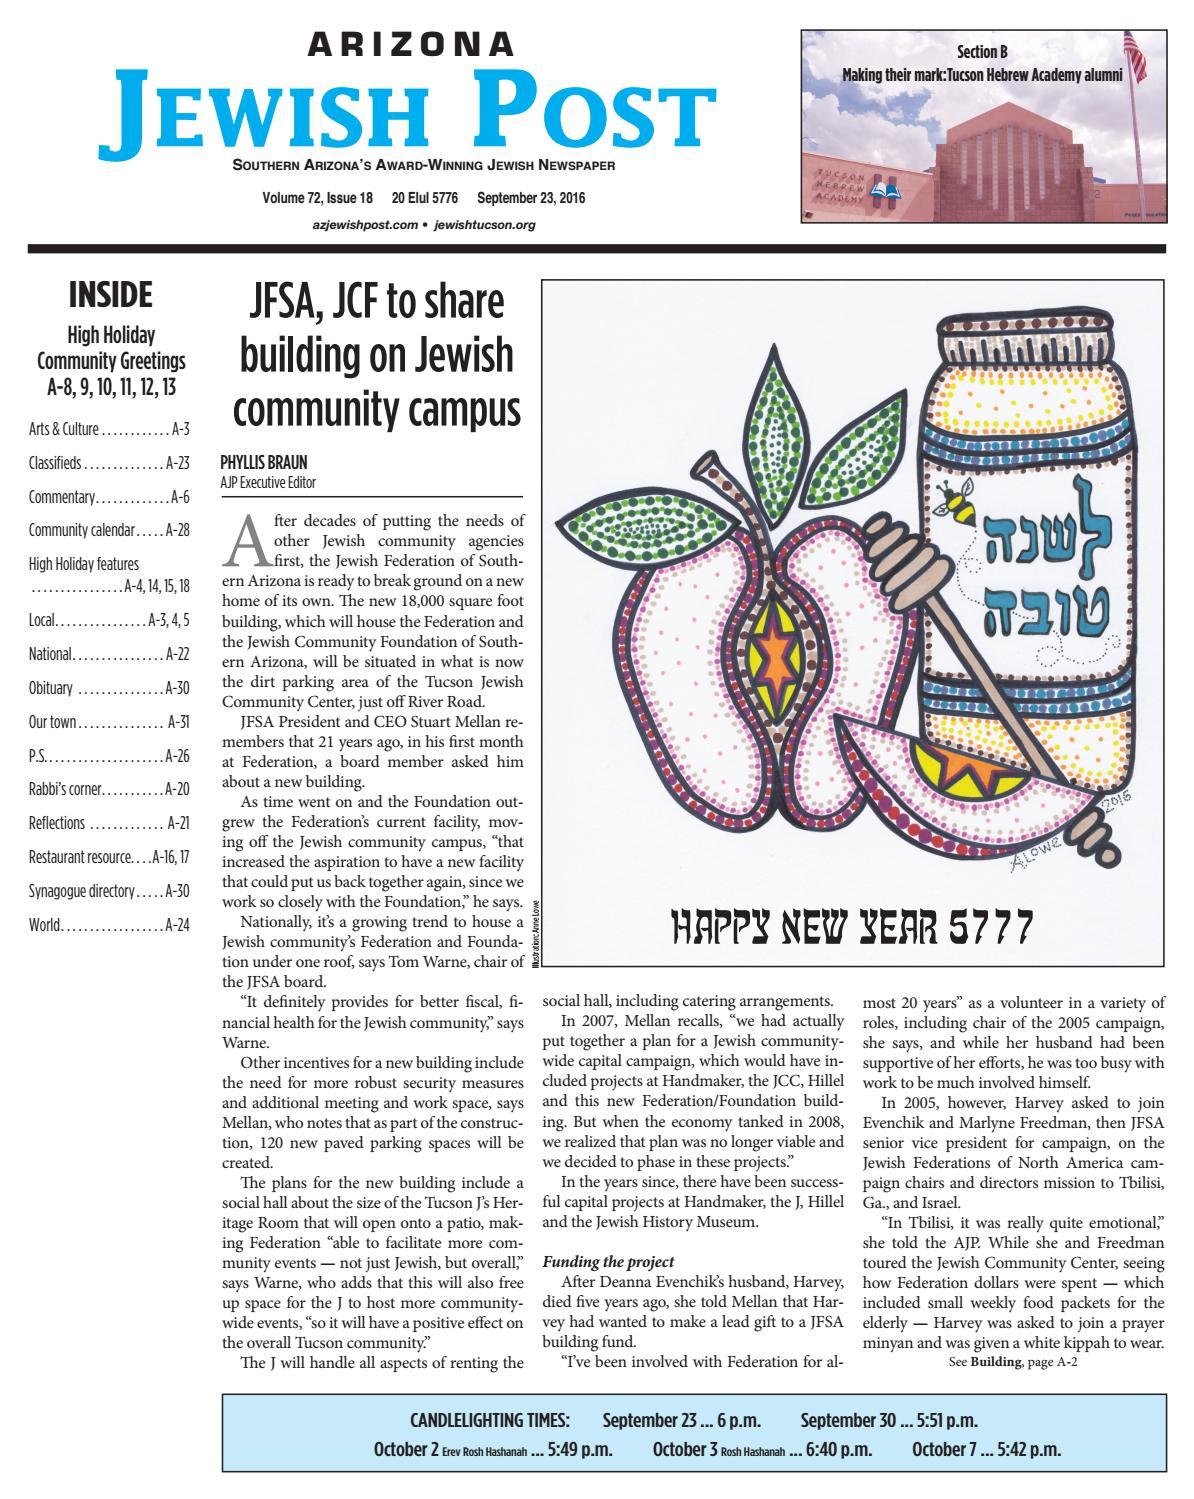 Arizona Jewish Post 9 23 16 By Arizona Jewish Post Issuu